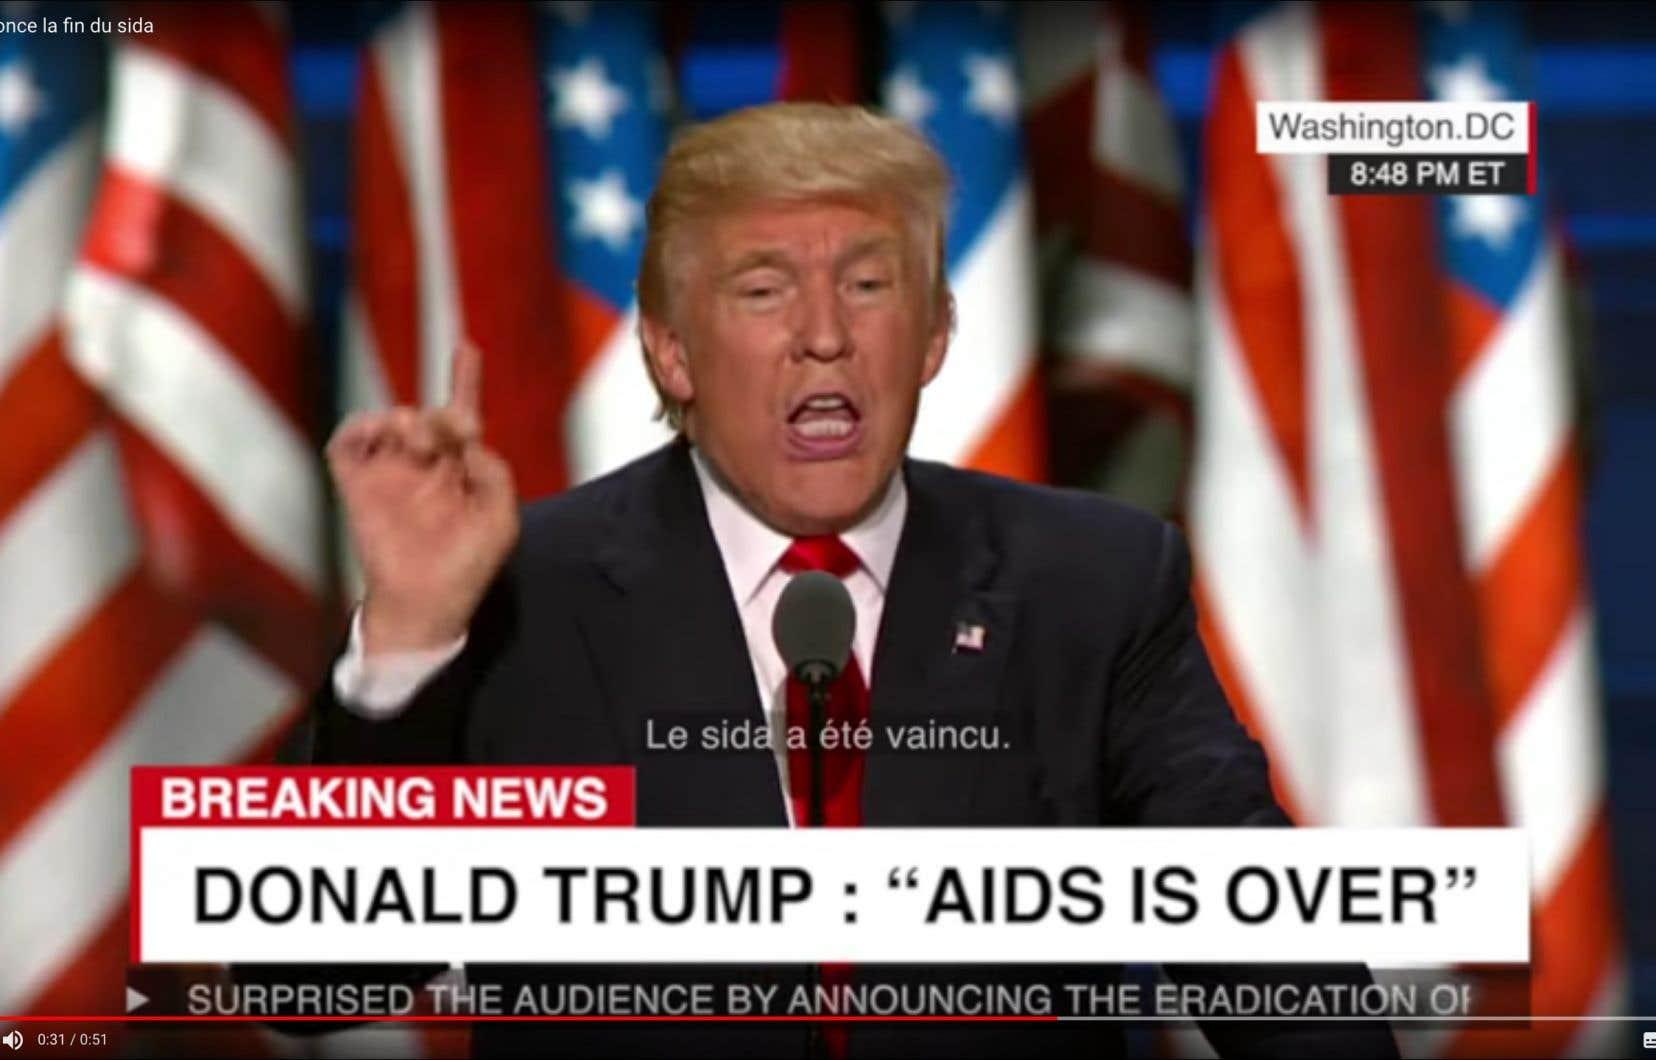 Il y a quelques jours, l'ONG Solidarité Sida a mis en ligne une vidéo truquée dans laquelle le président Trump annonce que le sida a été complètement enrayé.